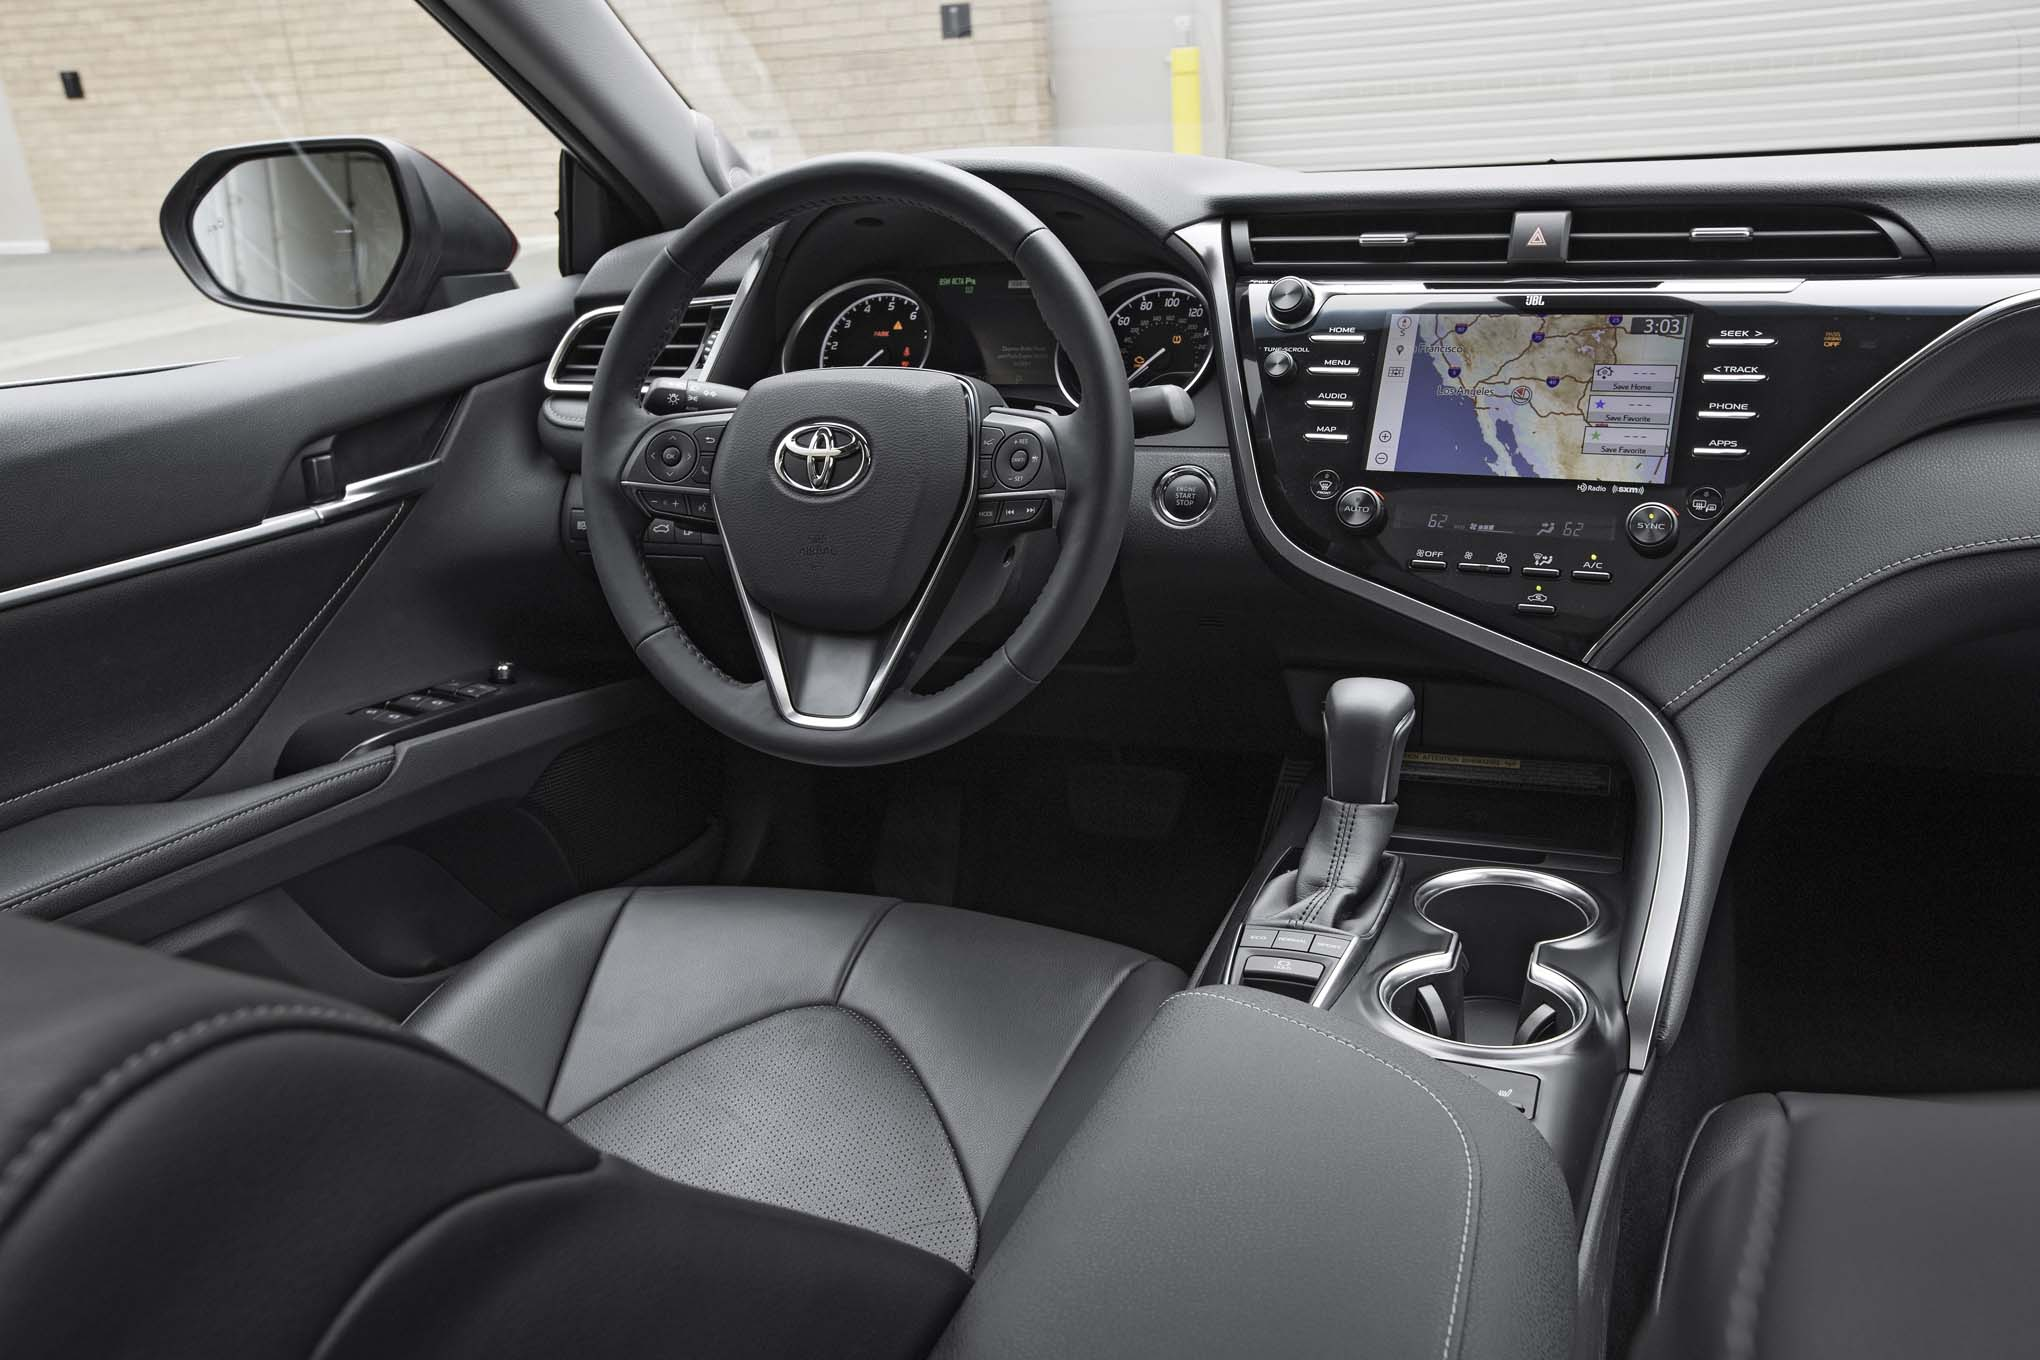 2018 Toyota Camry Xse Price Engine Specs Range Interior